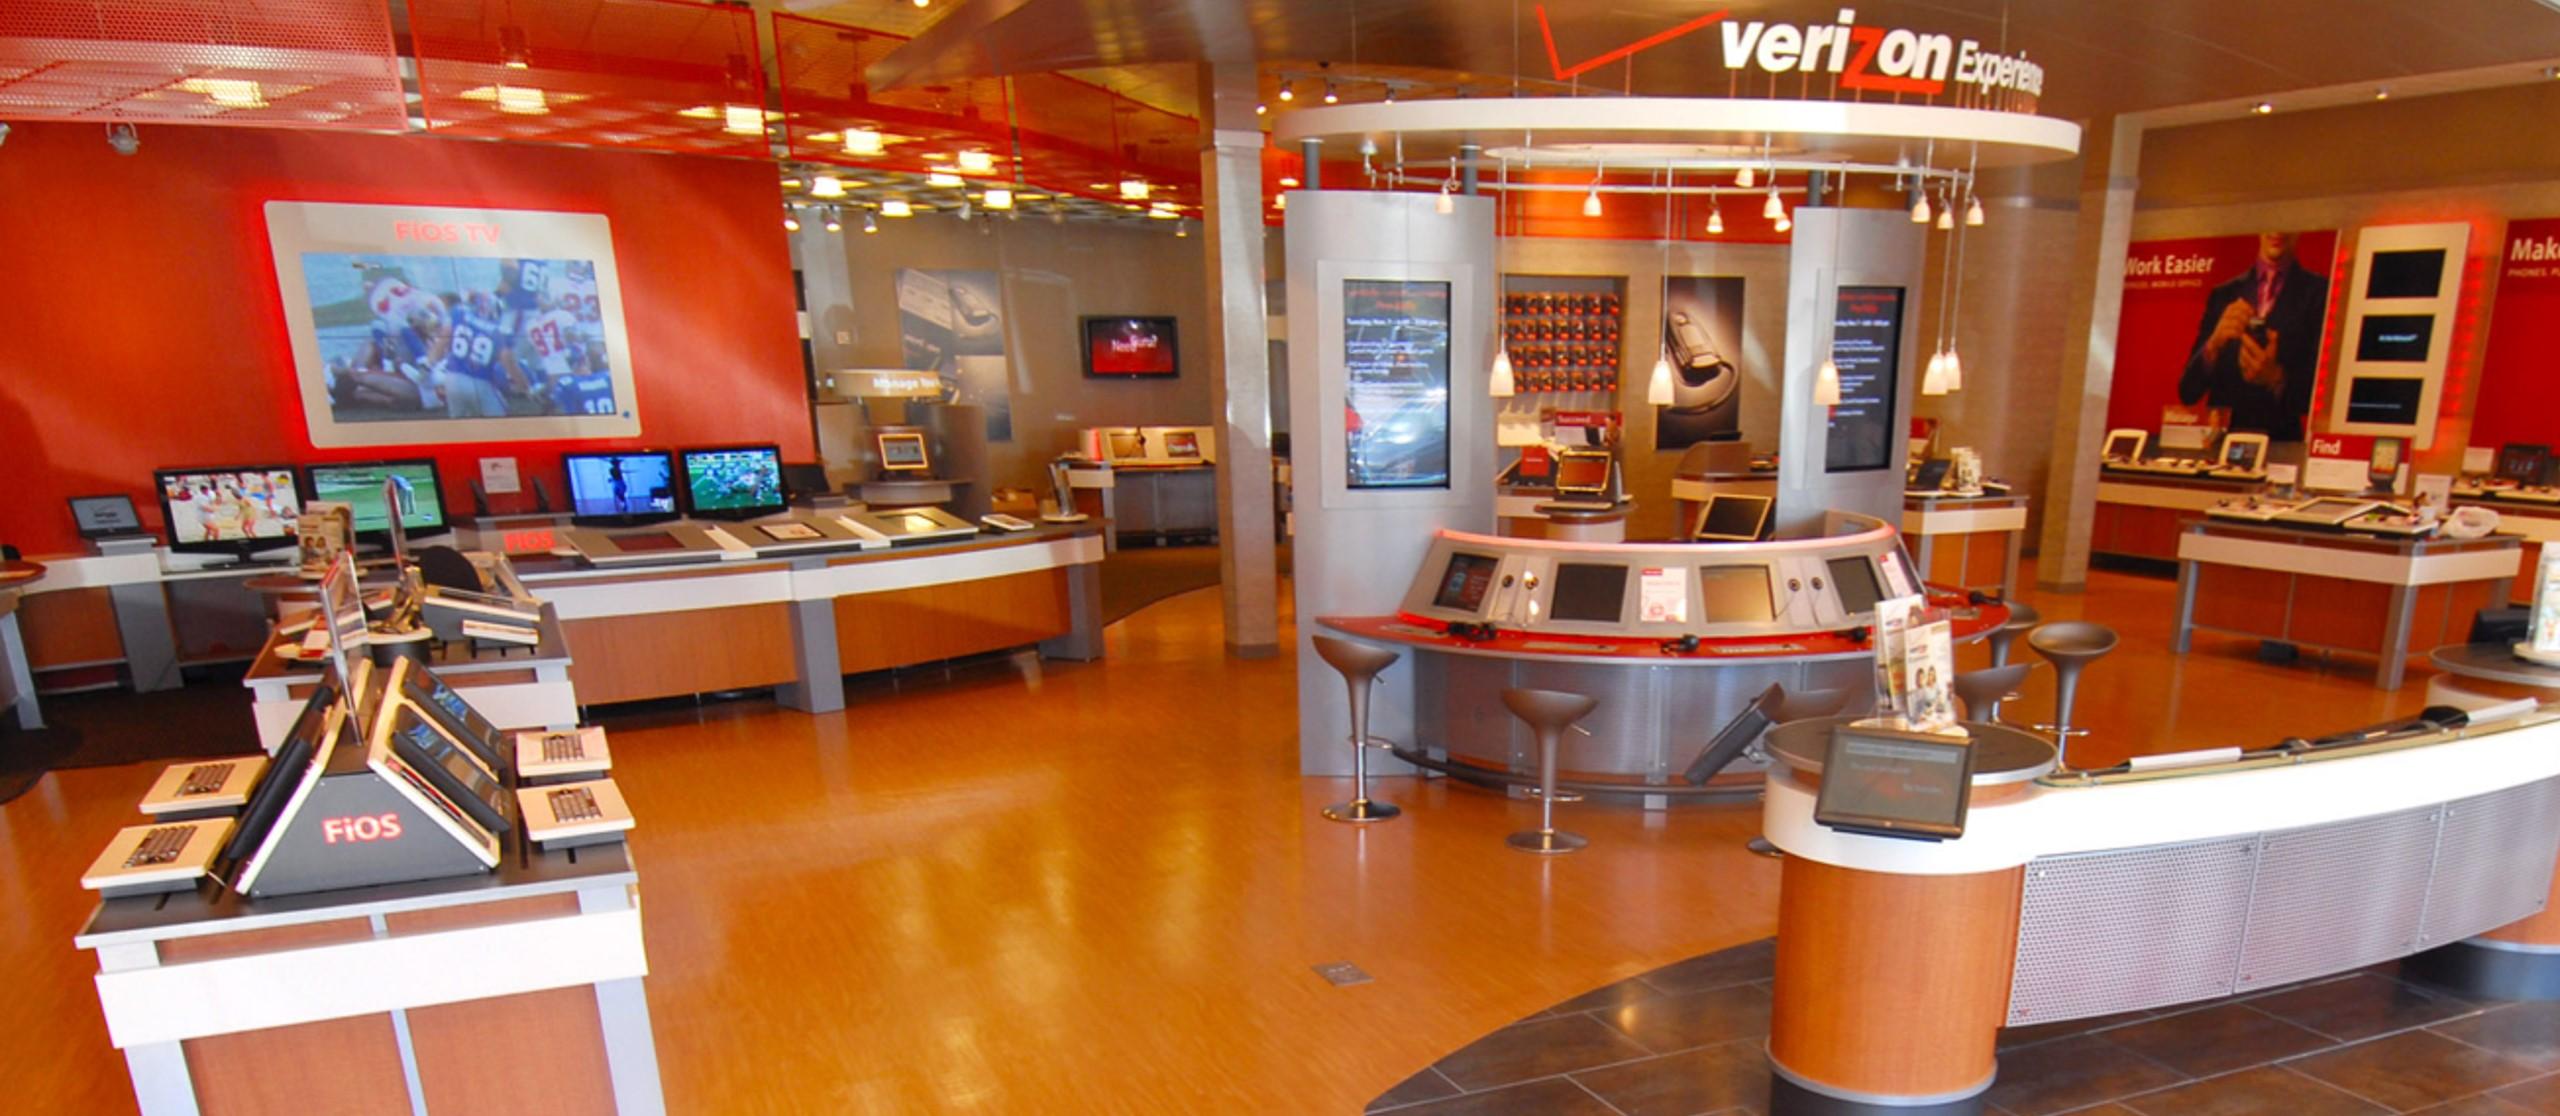 Verizon Experience